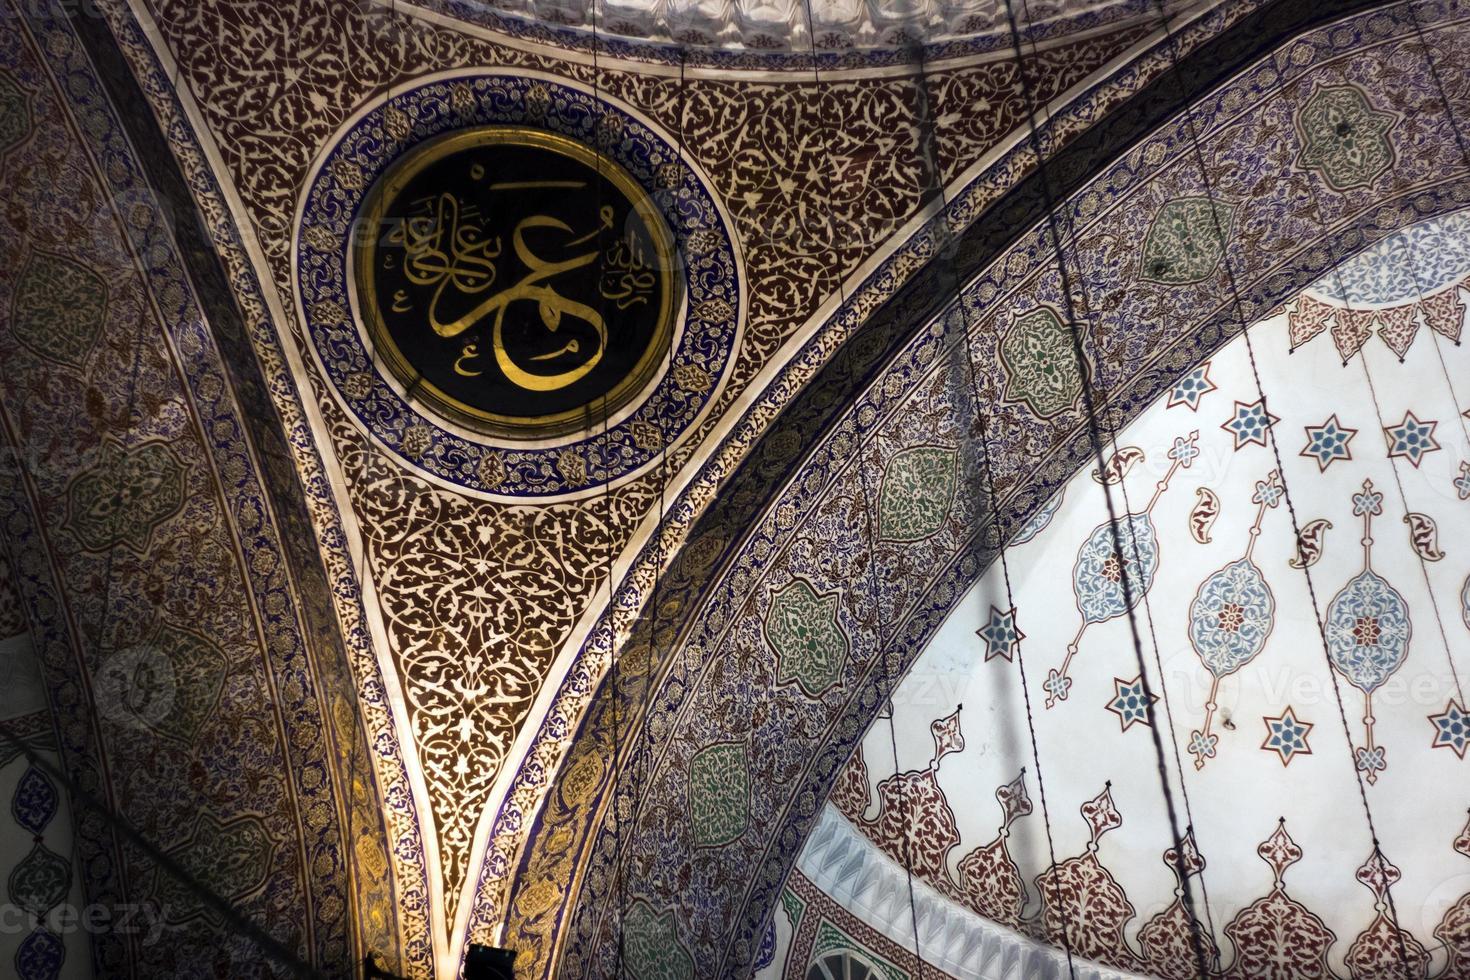 escritura árabe em uma mesquita foto